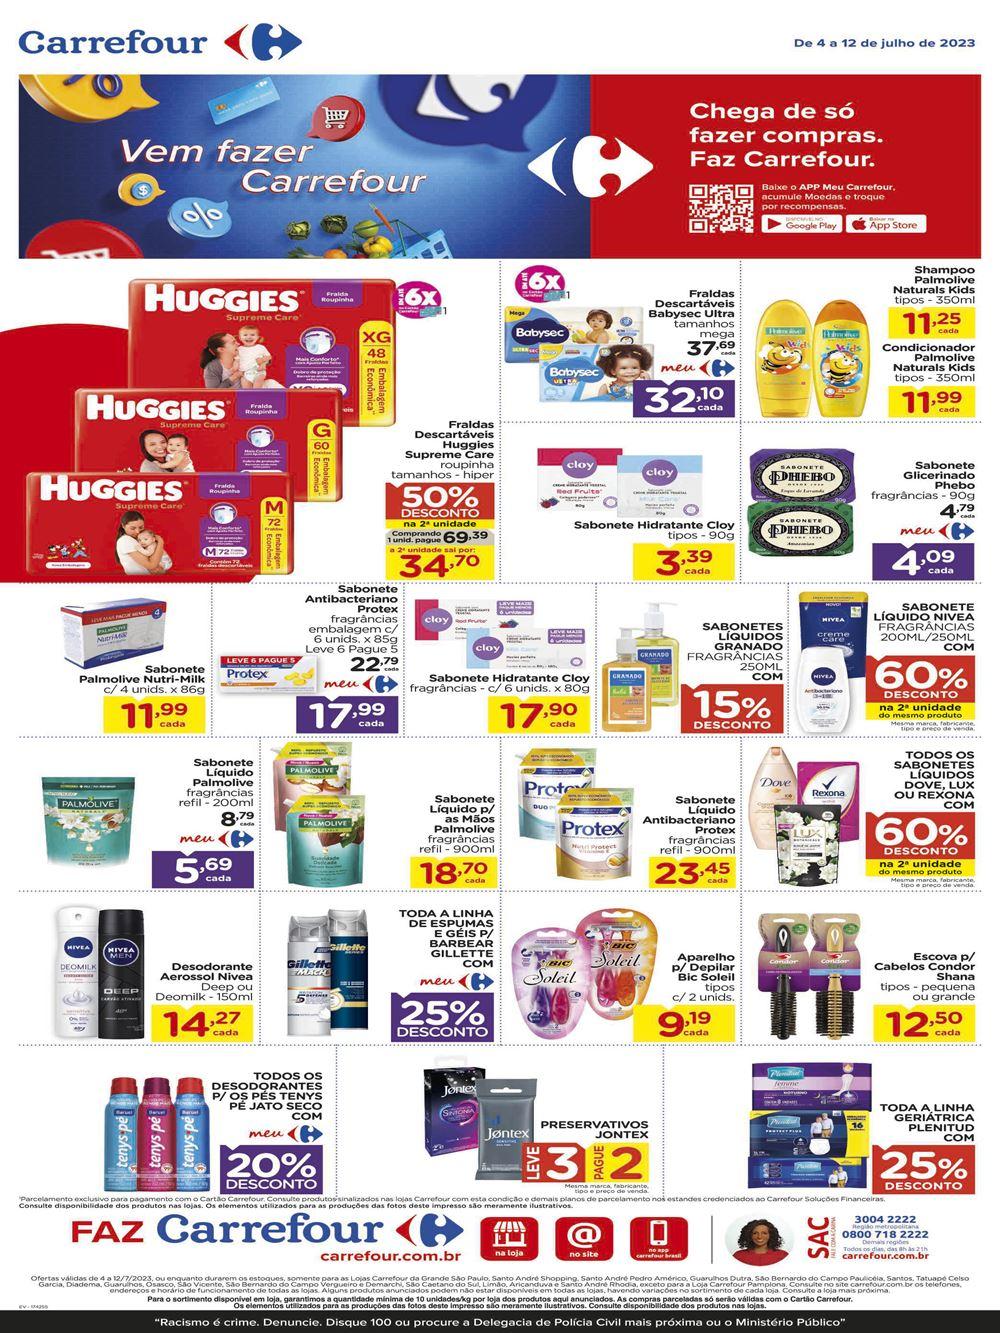 carrefour-ofertas-descontos-hoje8-9 Carrefour até 19/05